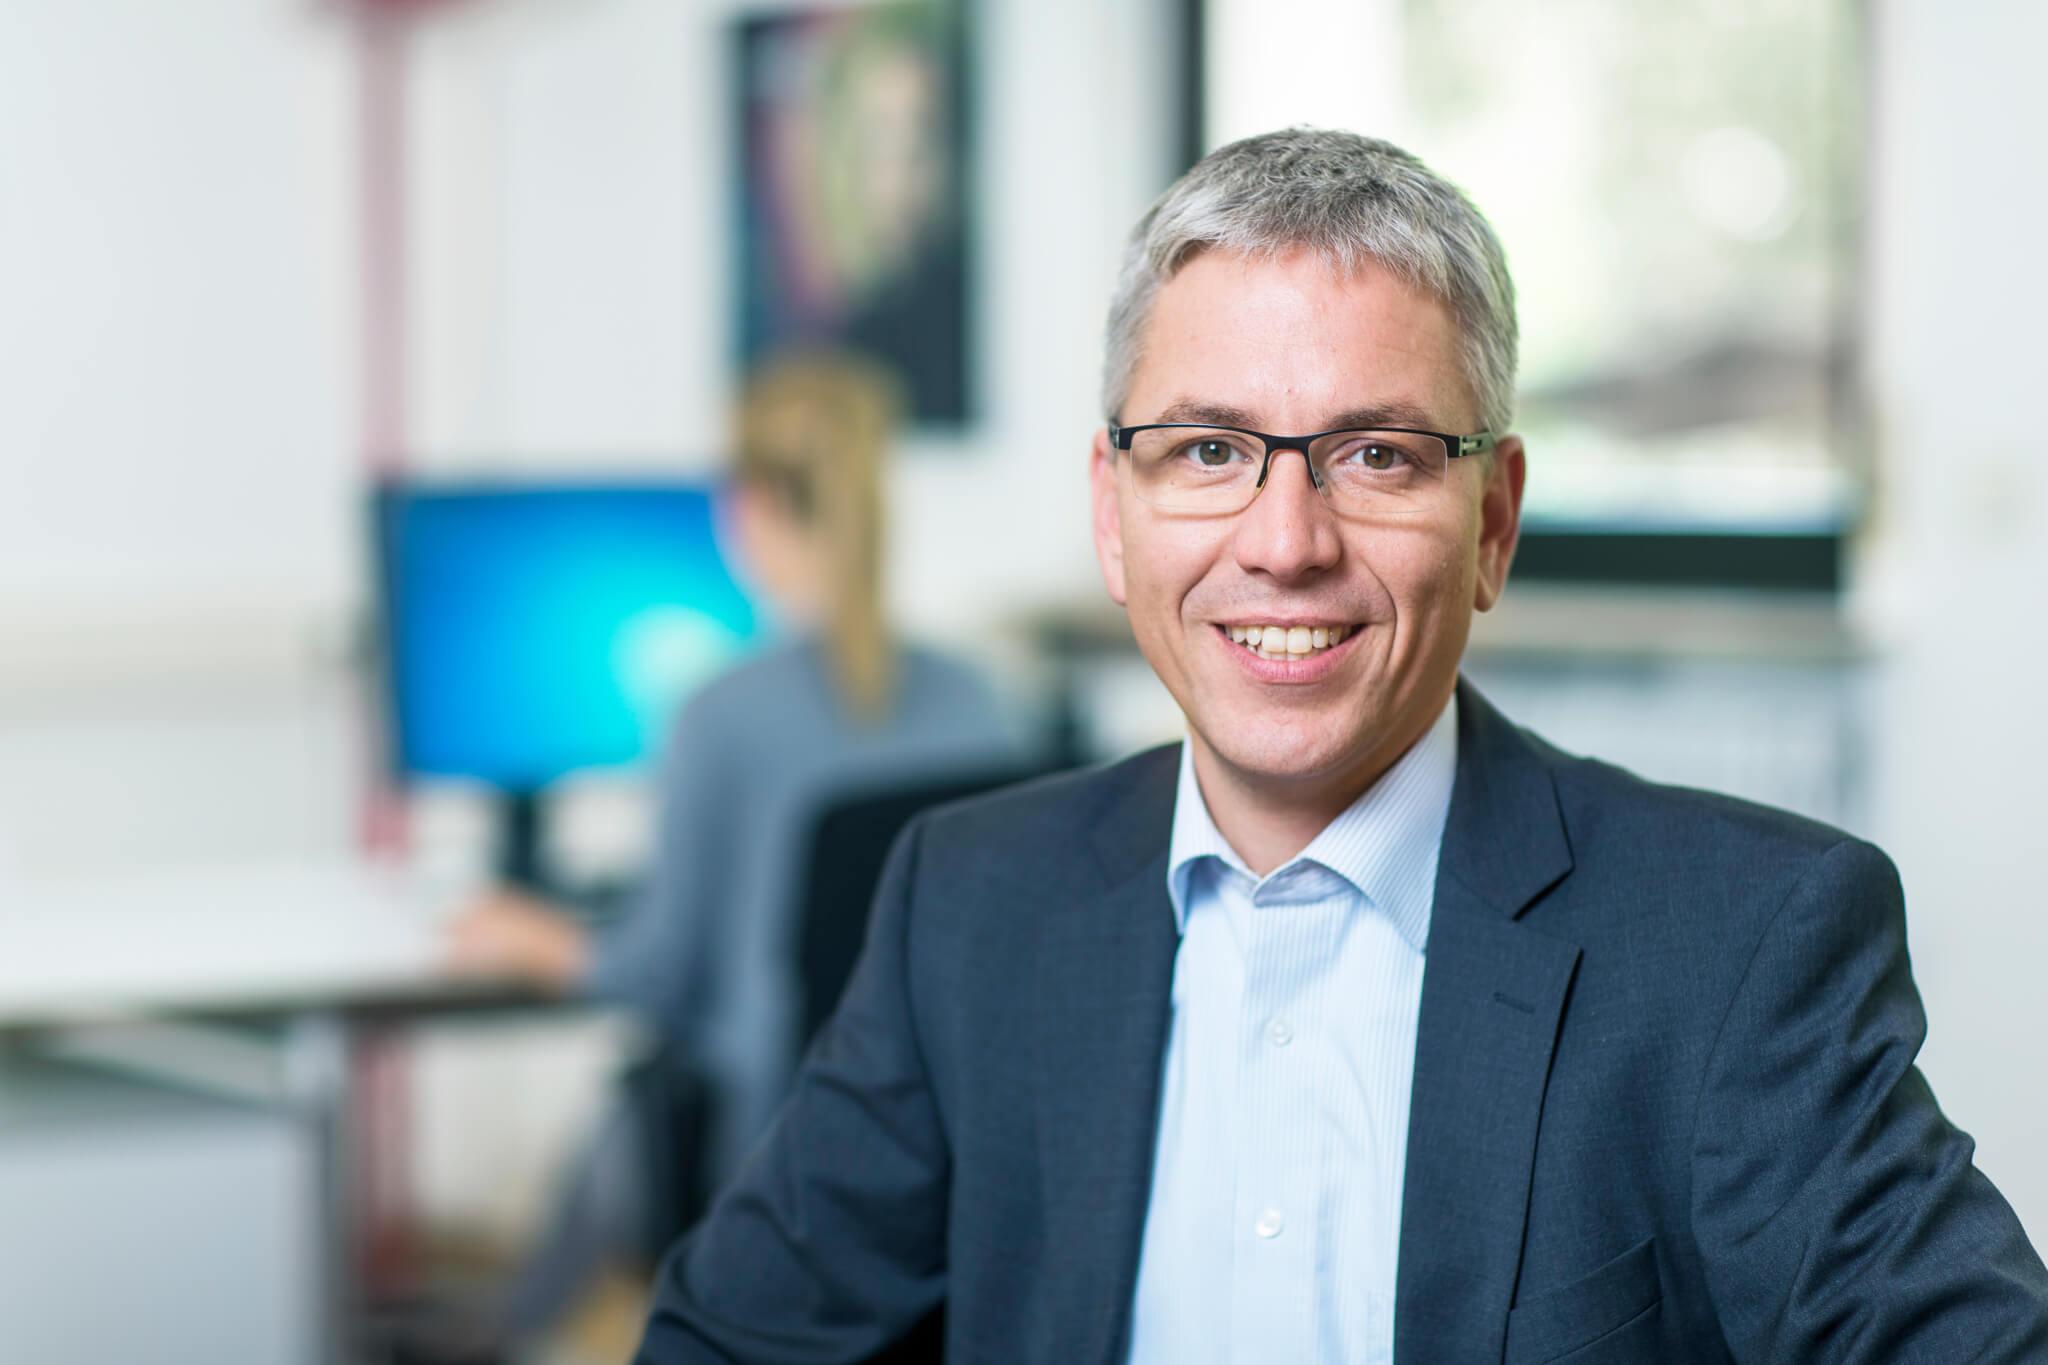 Christoph Miller